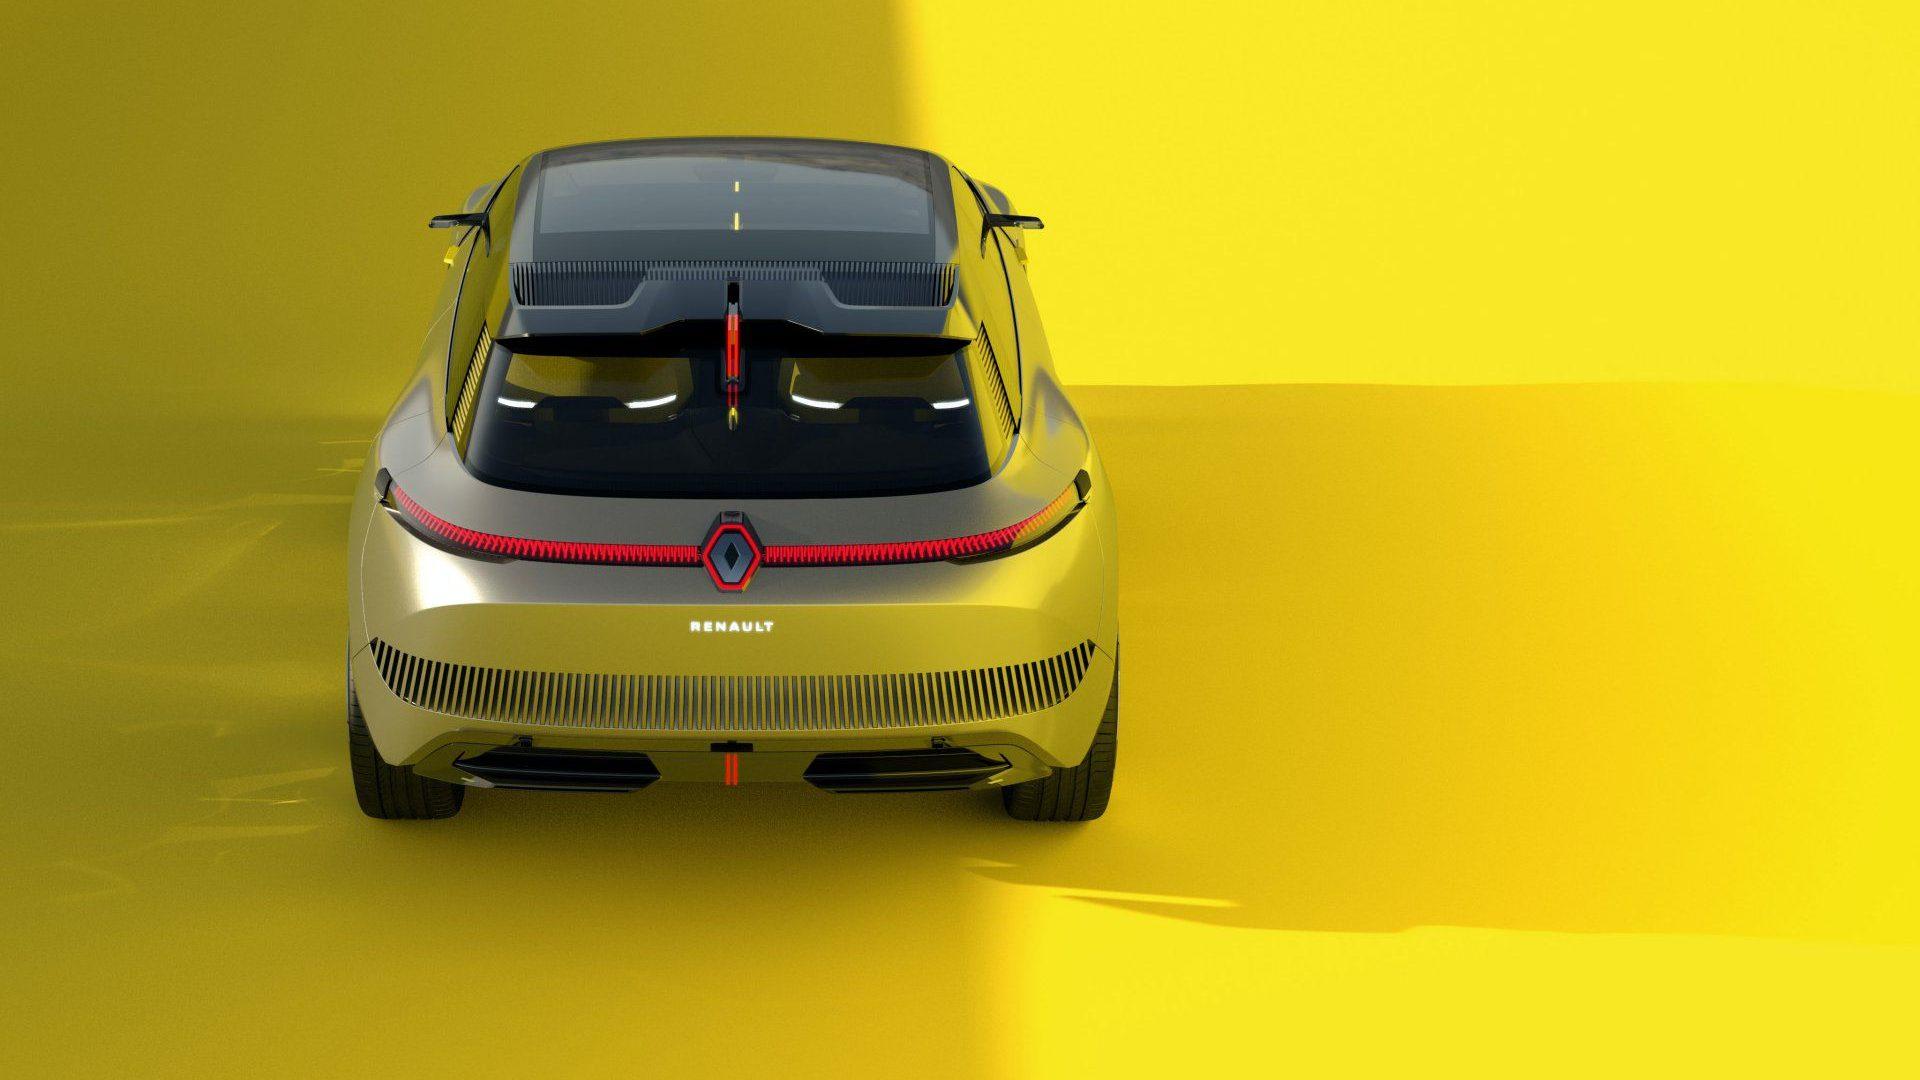 2020-Renault-Morphoz-Concept-018